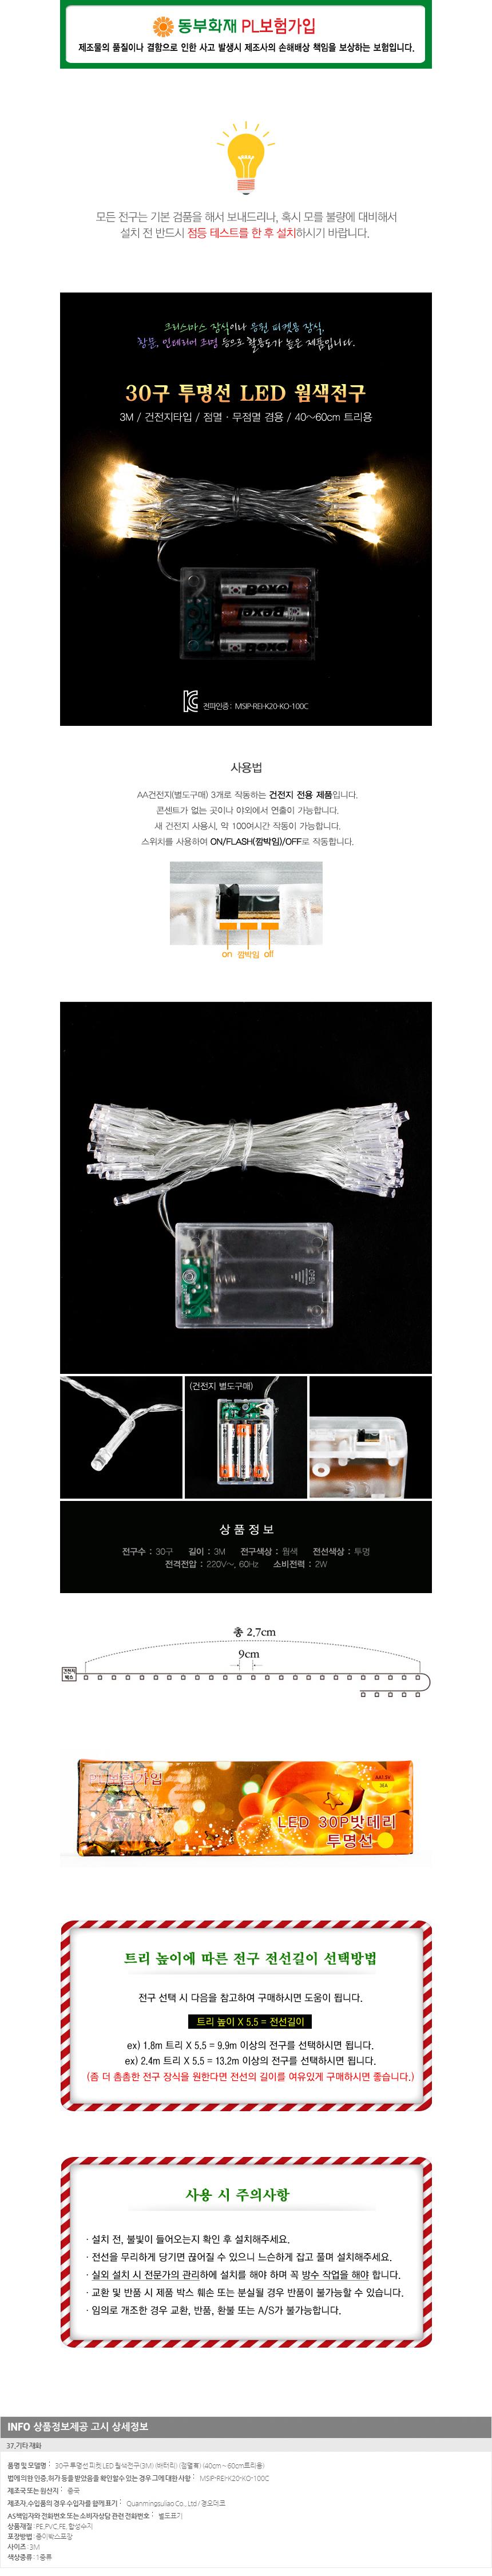 30구 투명선 피켓 LED 웜색전구(3M) (배터리) (점멸有) (40cm∼60cm트리용) - 기프트갓, 4,000원, 조명, 트리조명